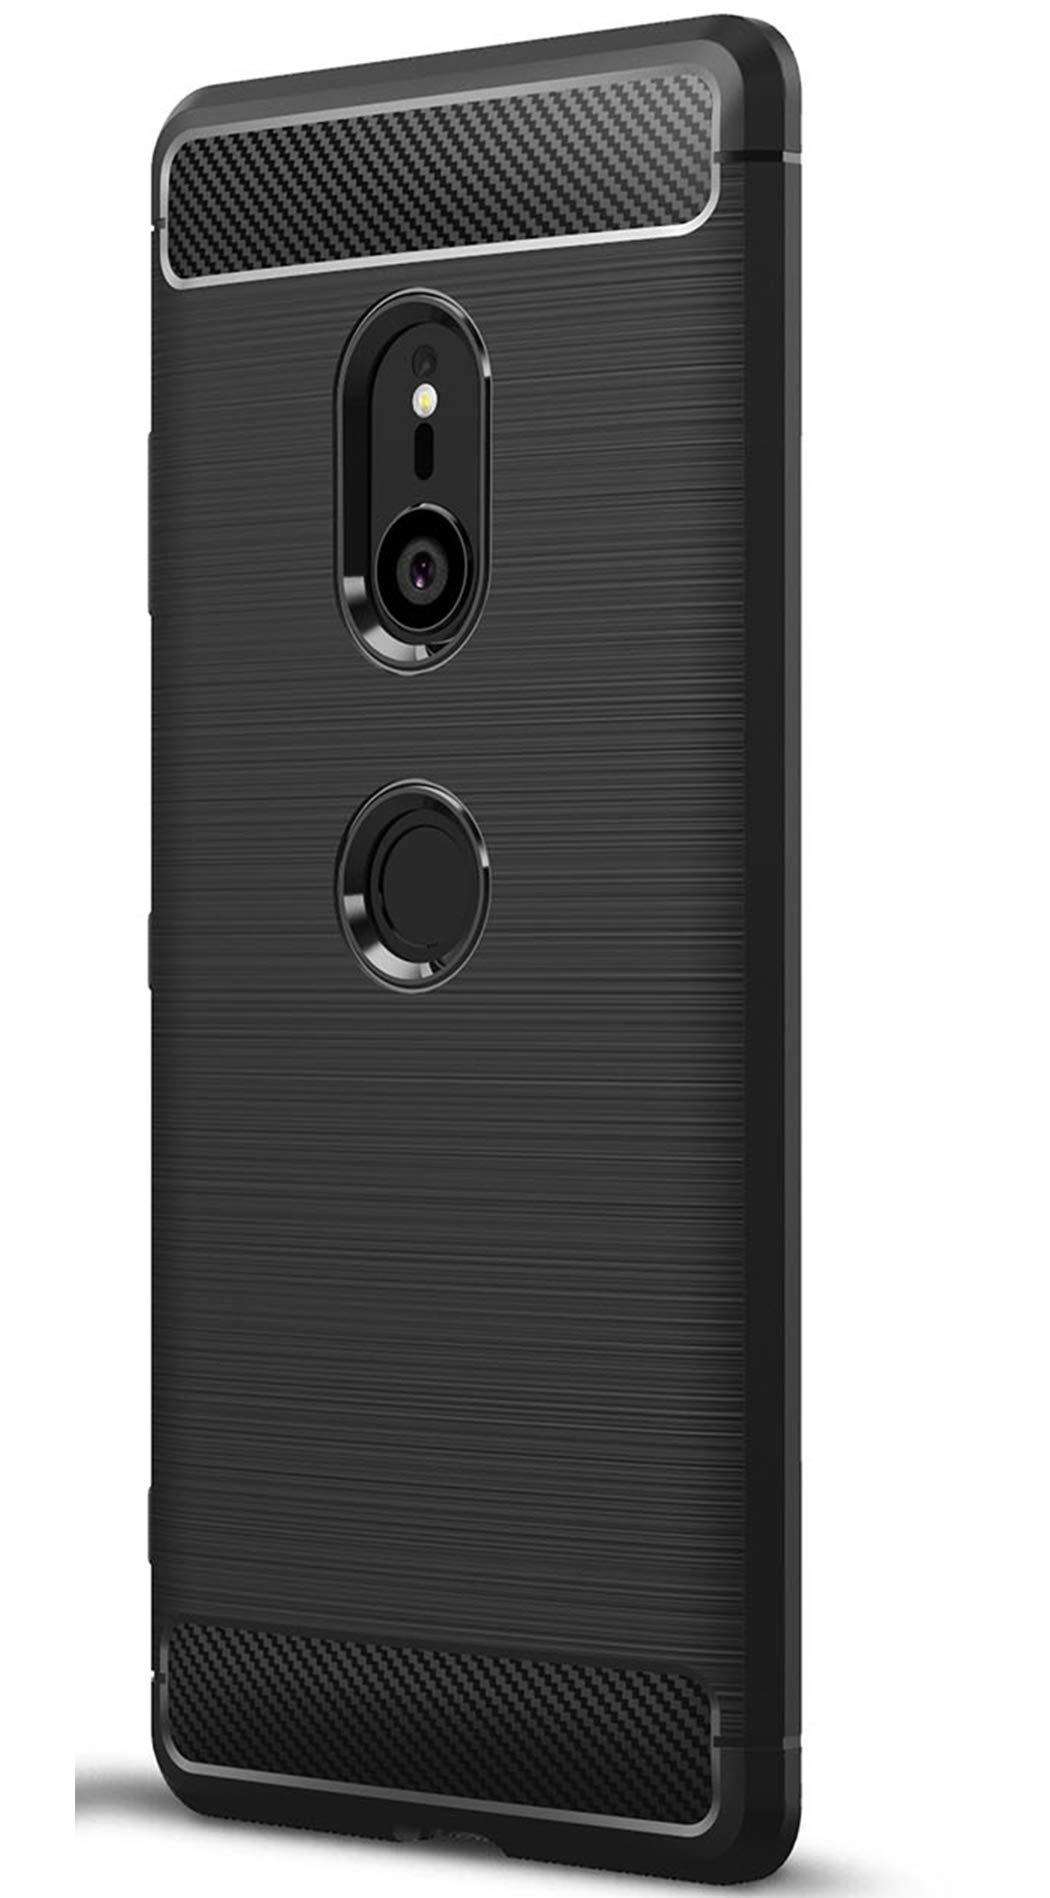 Tianqin Sony Xperia XZ3 Funda, Ultra-Delgado Ultraligero de Amortiguación Silicona TPU [Anti Deslizamiento] [Resistente a los Arañazos] Cubierta Protectora del Caso para Sony Xperia XZ3 Case - Negro: Amazon.es: Hogar